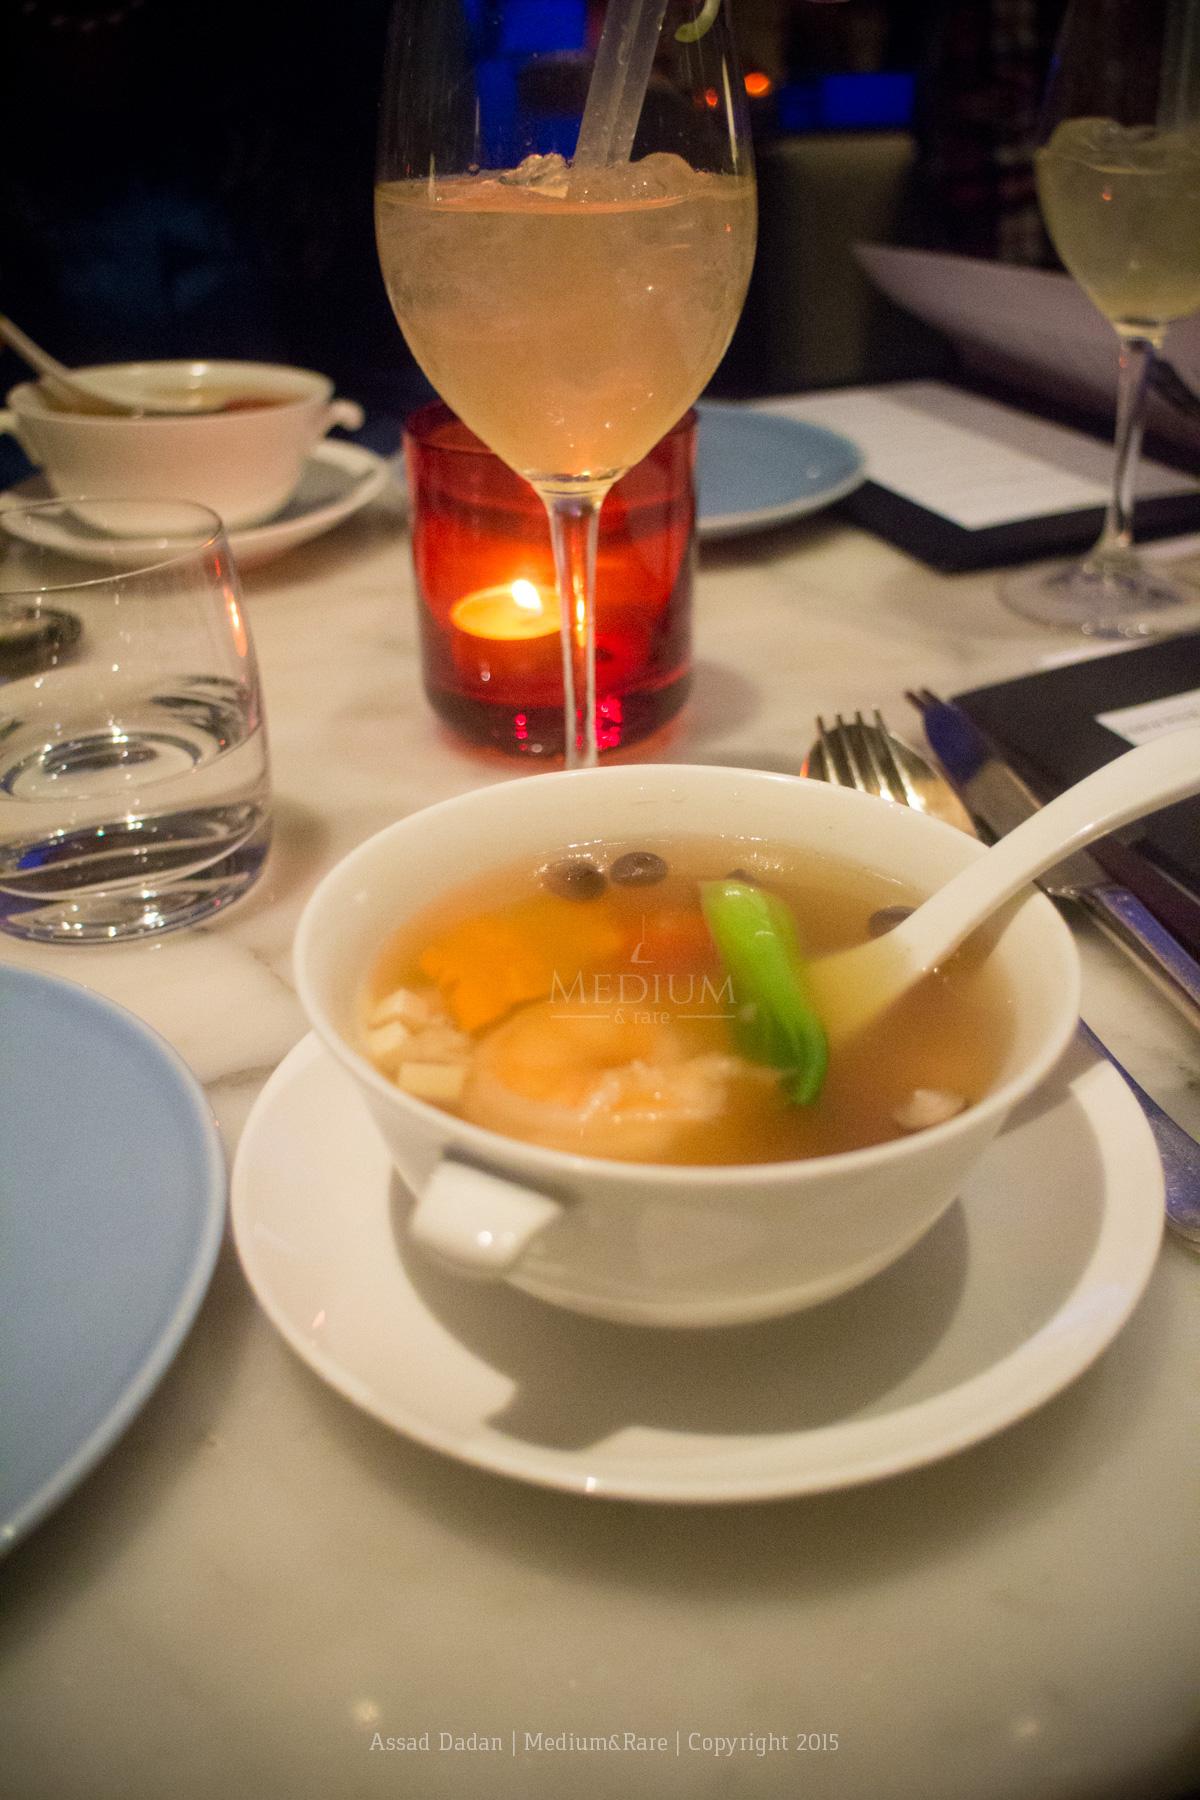 Prawns & Scallop Soup